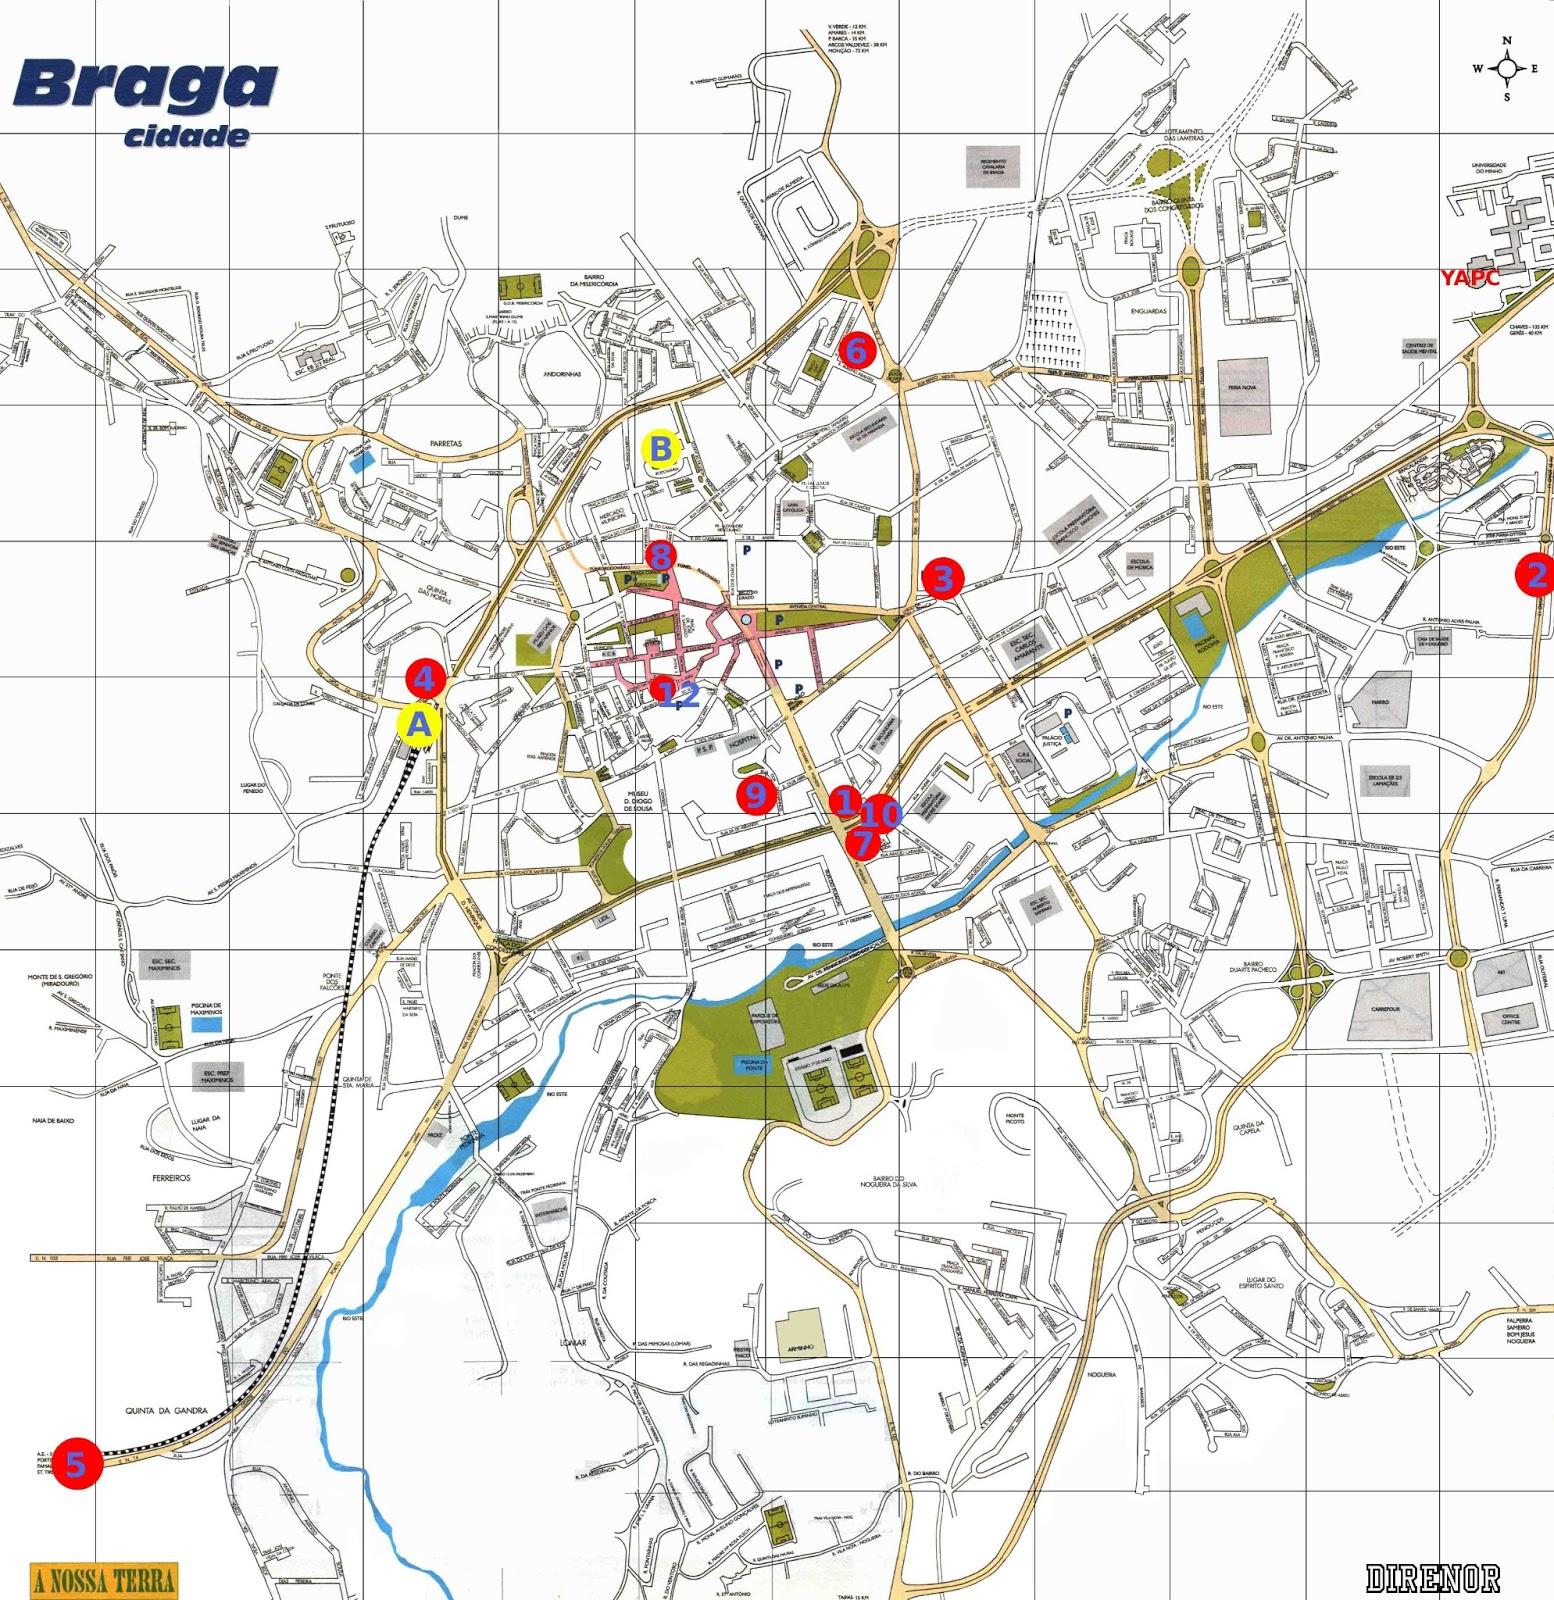 mapa do centro de braga Mapas de Braga   Portugal | MapasBlog mapa do centro de braga